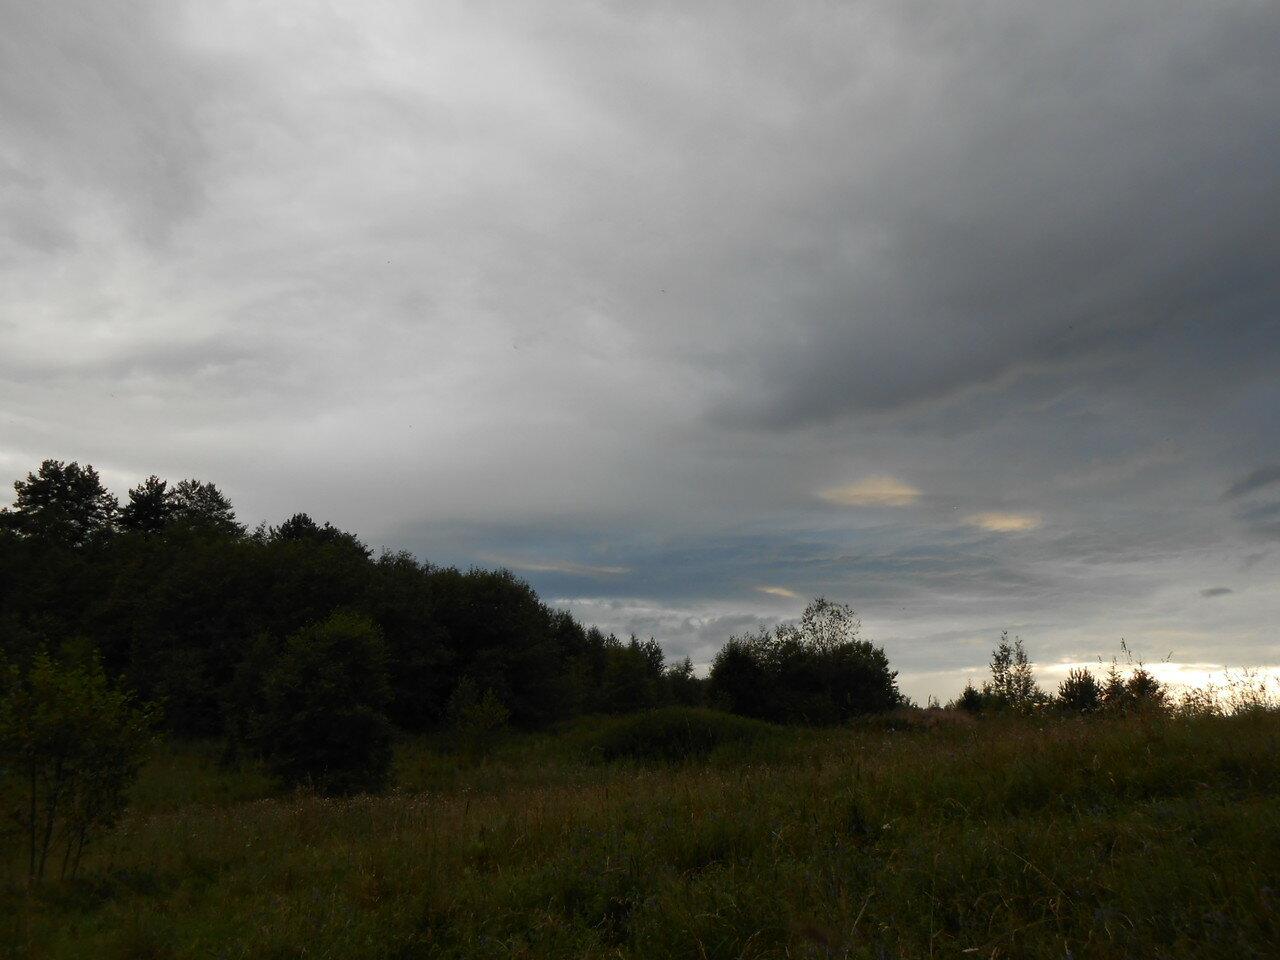 За околицей деревни Байнёво